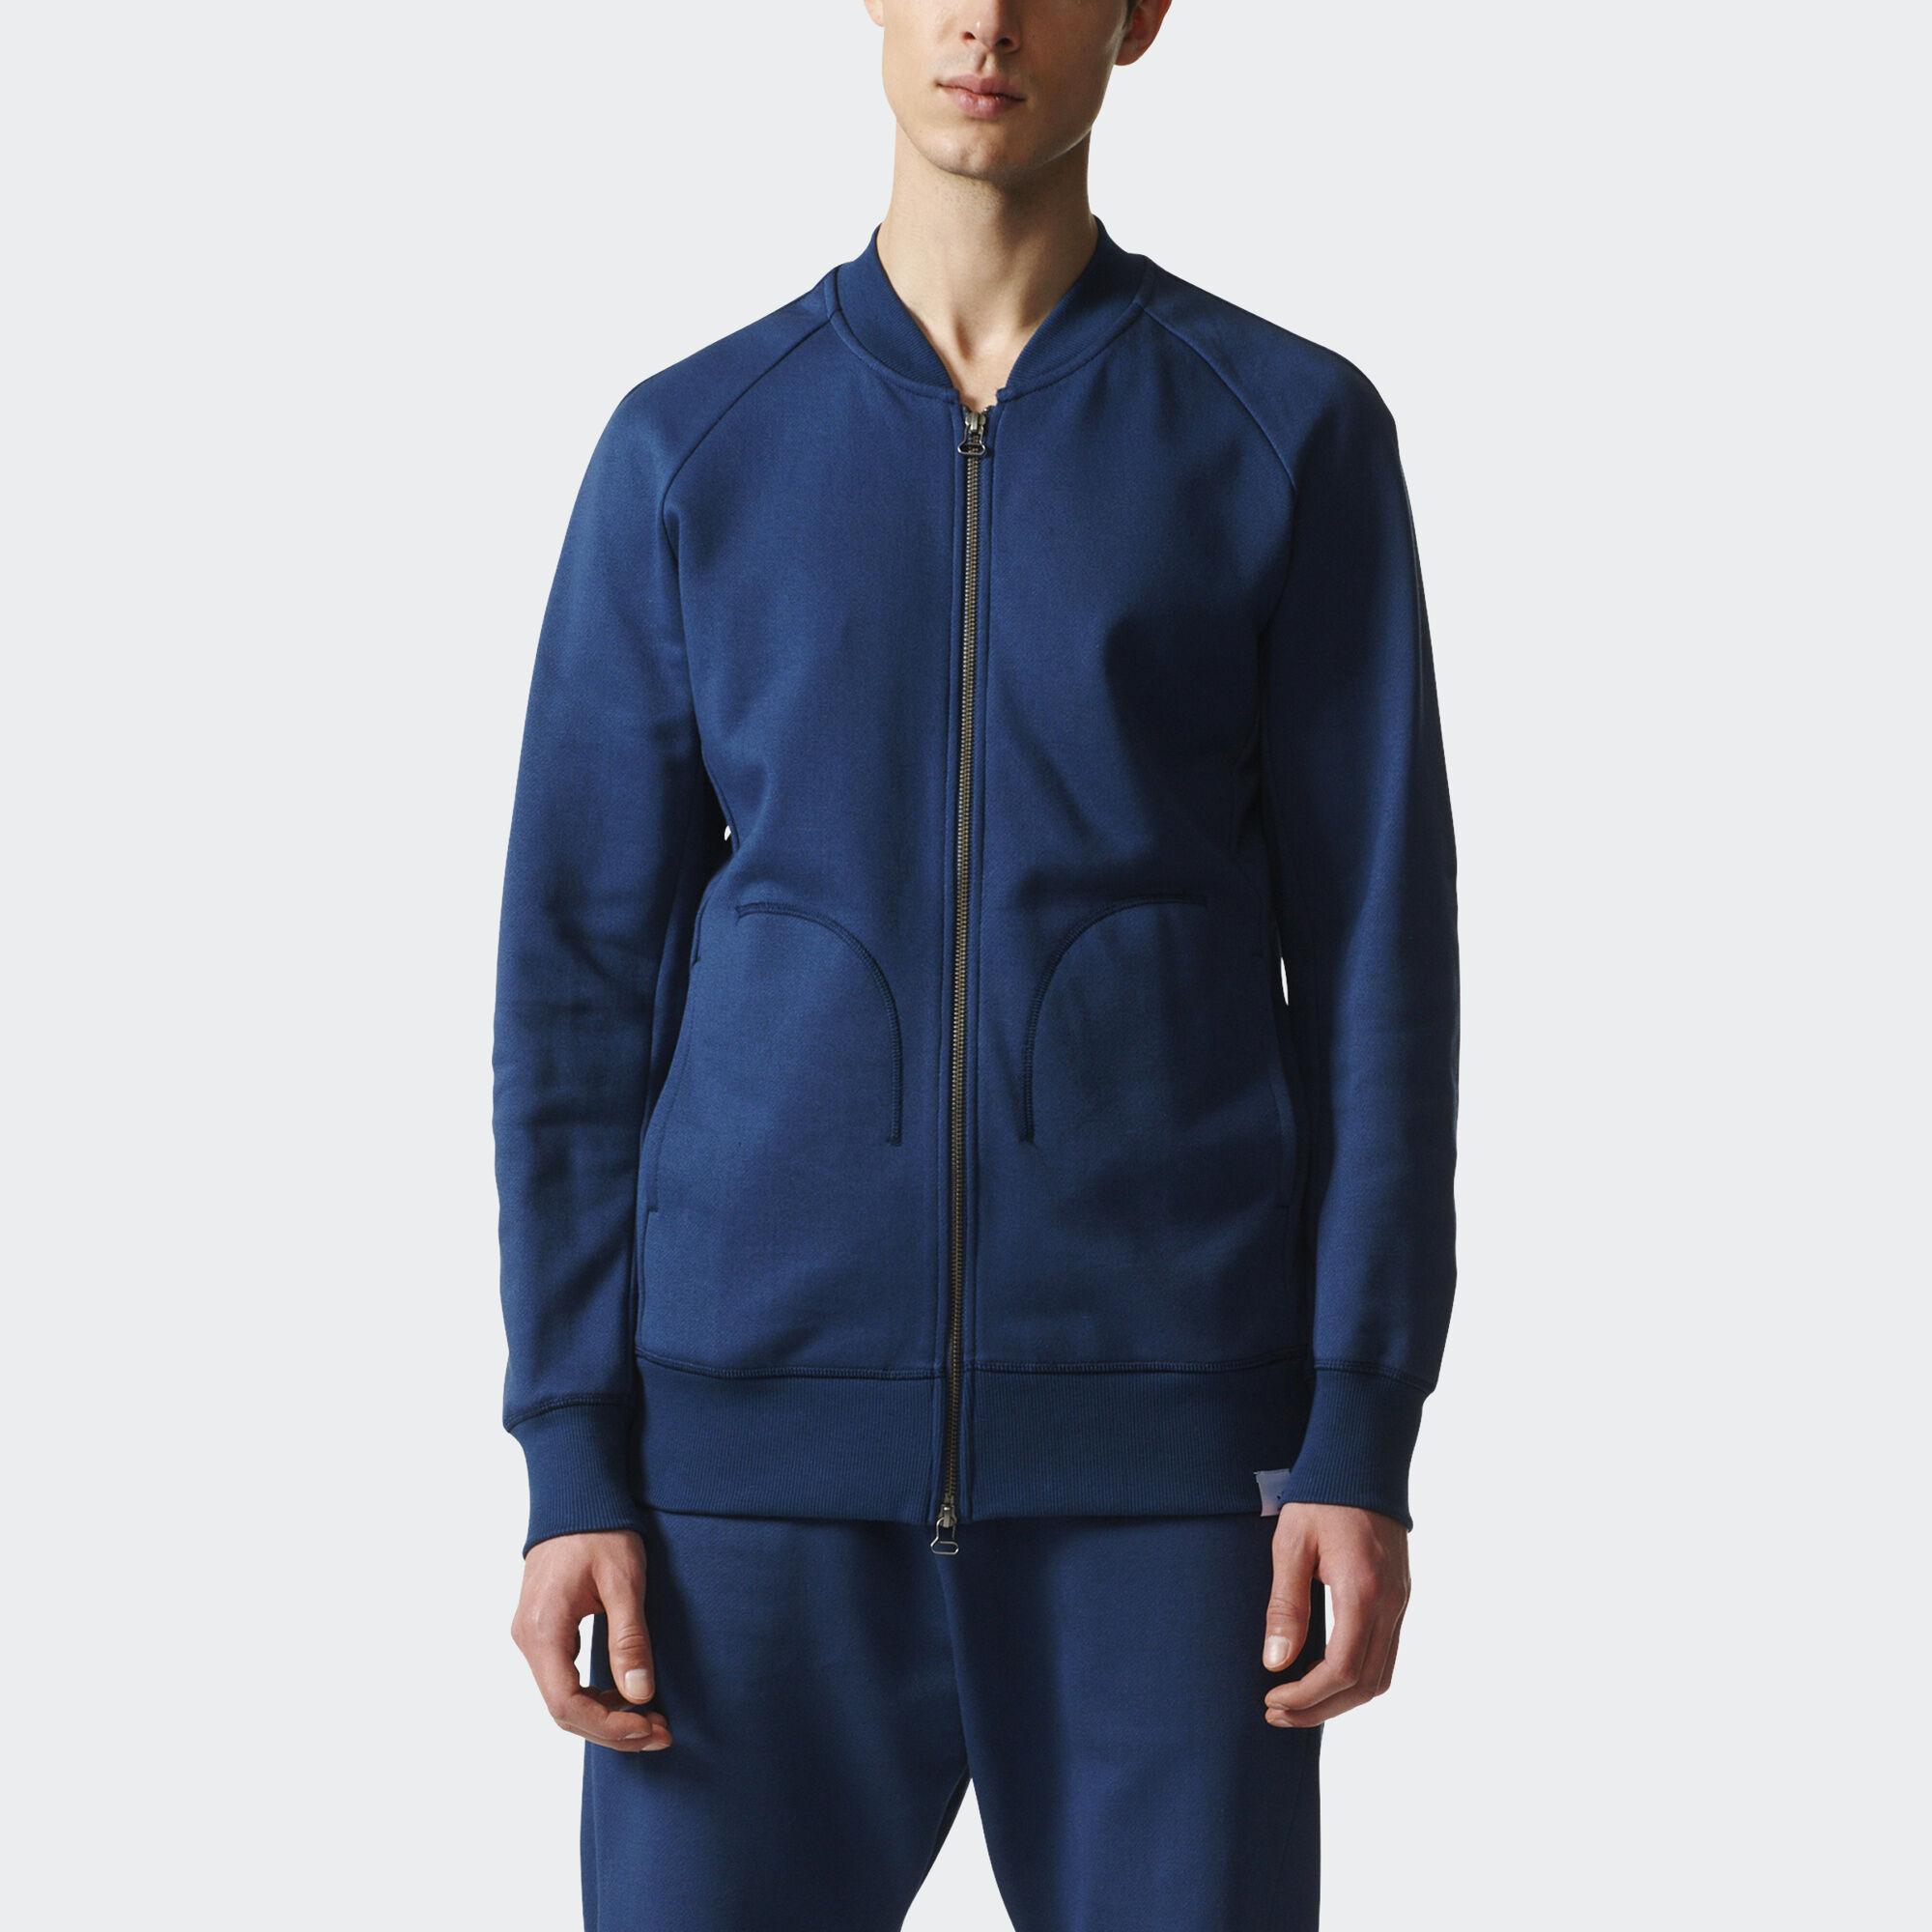 adidas blue and black jacket